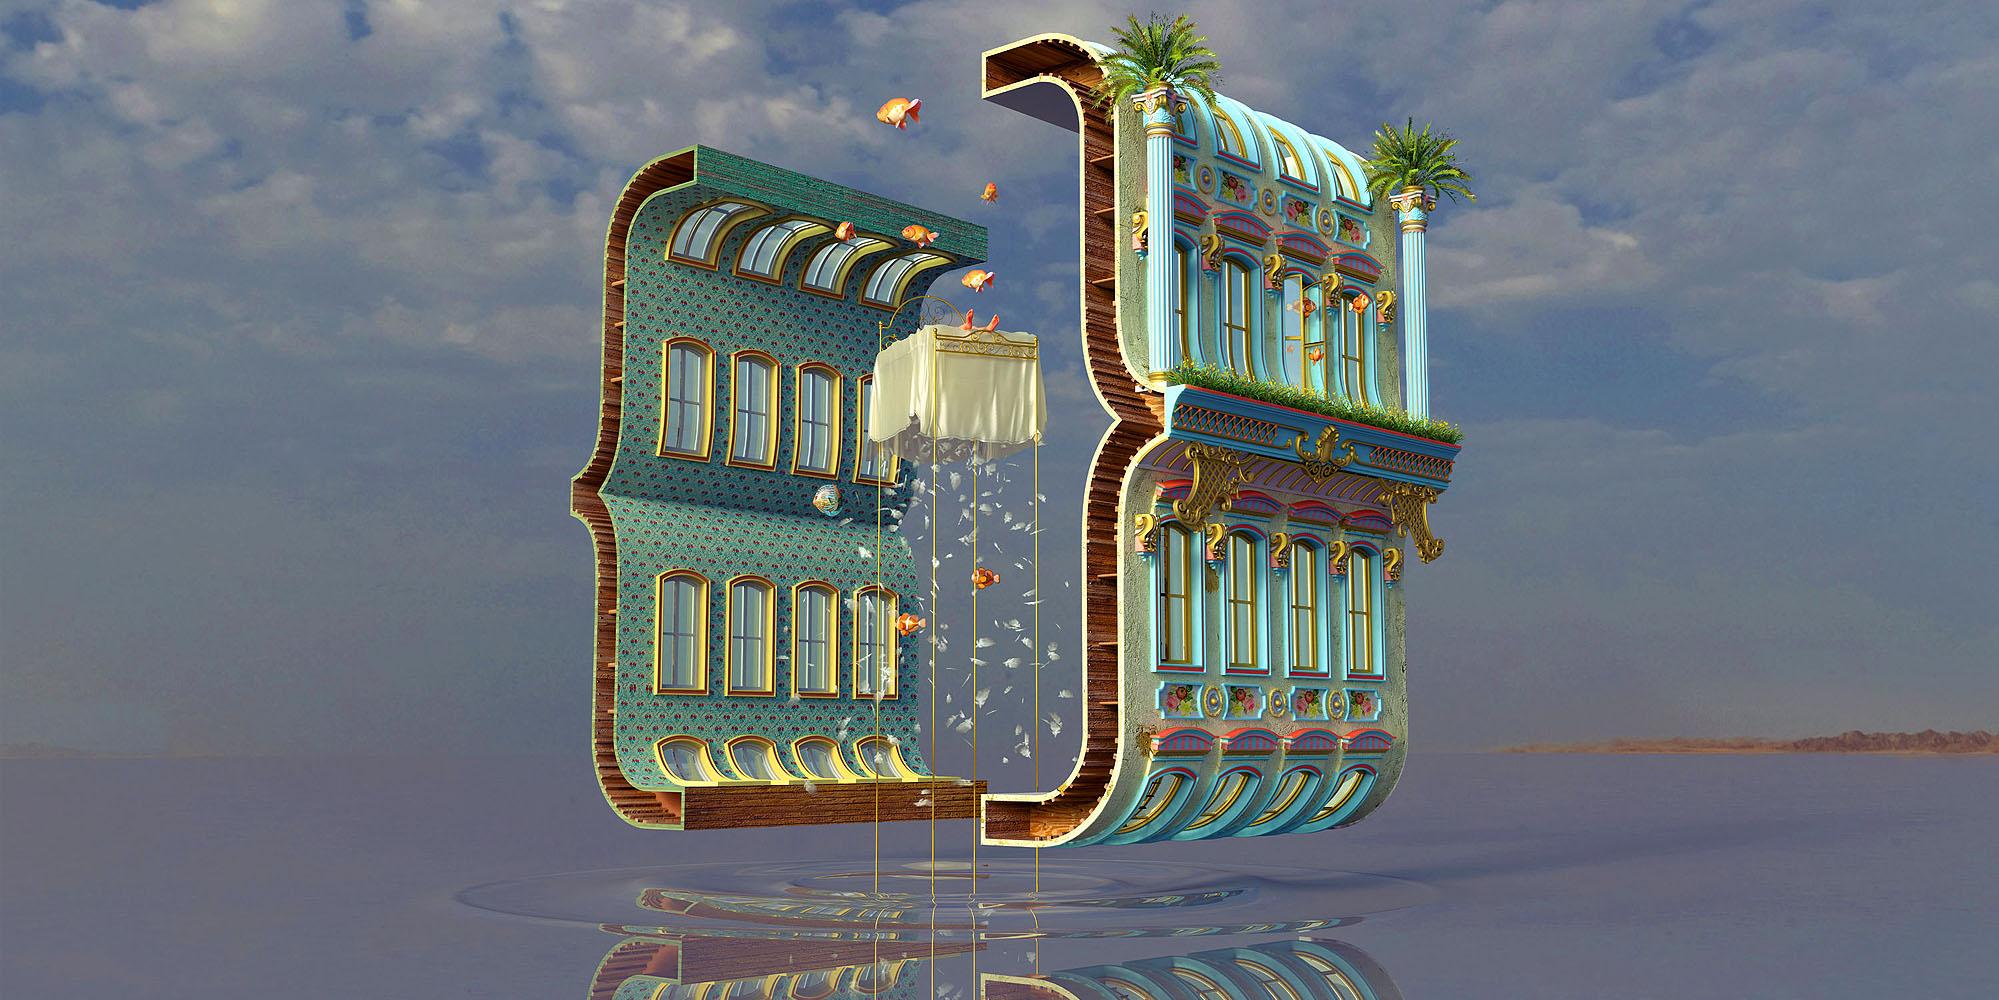 13_roof-studio_vinicius-costa_home